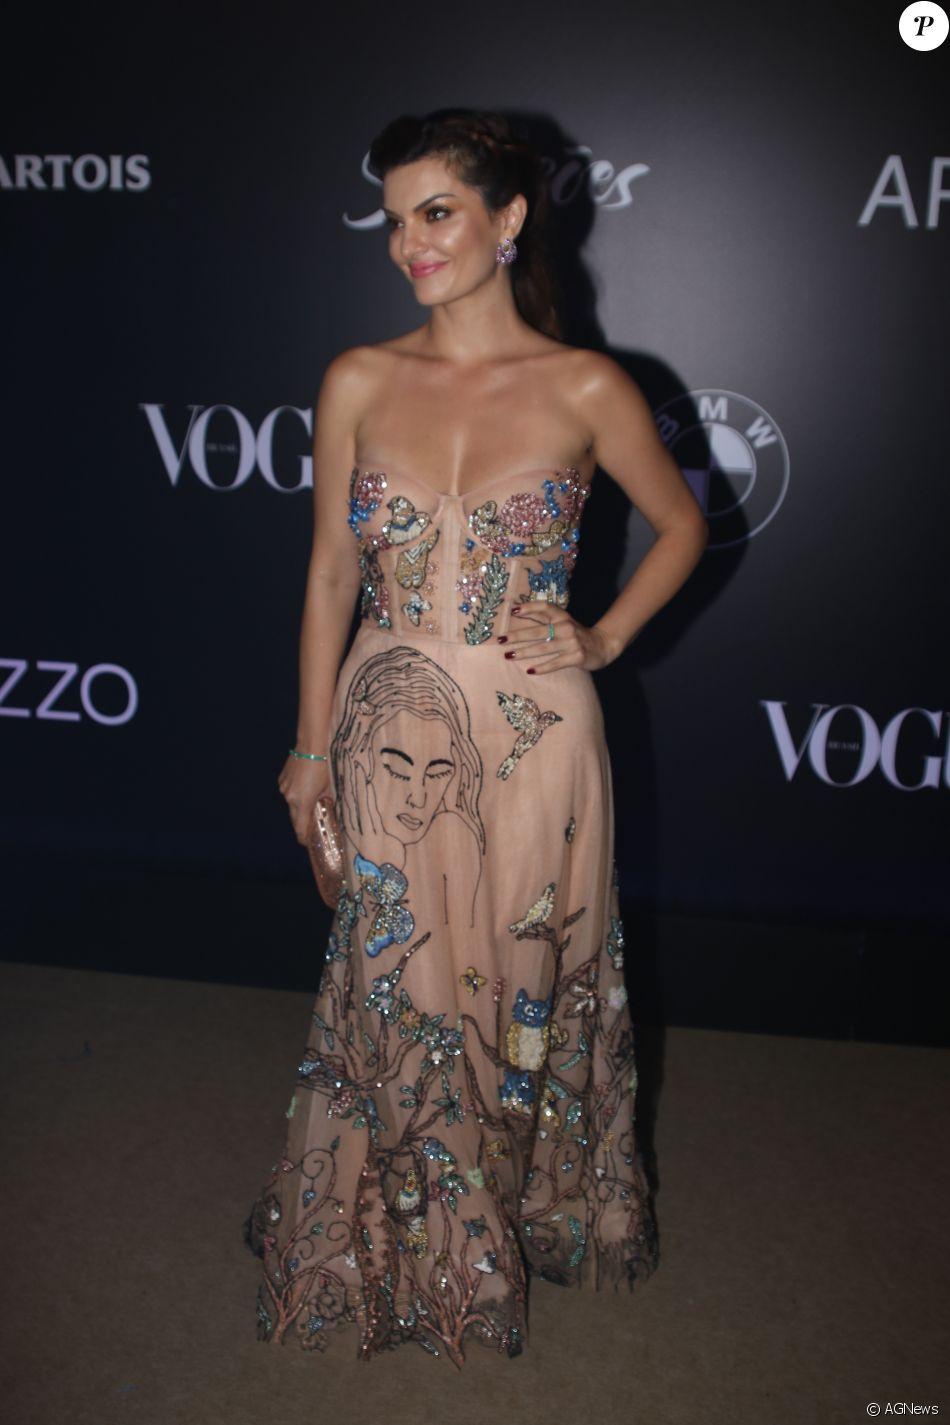 Mayana Neiva de Fabiana Milazzo no Baile da Vogue, realizado no Hotel  Unique, em São Paulo, na noite desta quinta-feira, 1º de fevereiro de 2018 9cb5c346c2